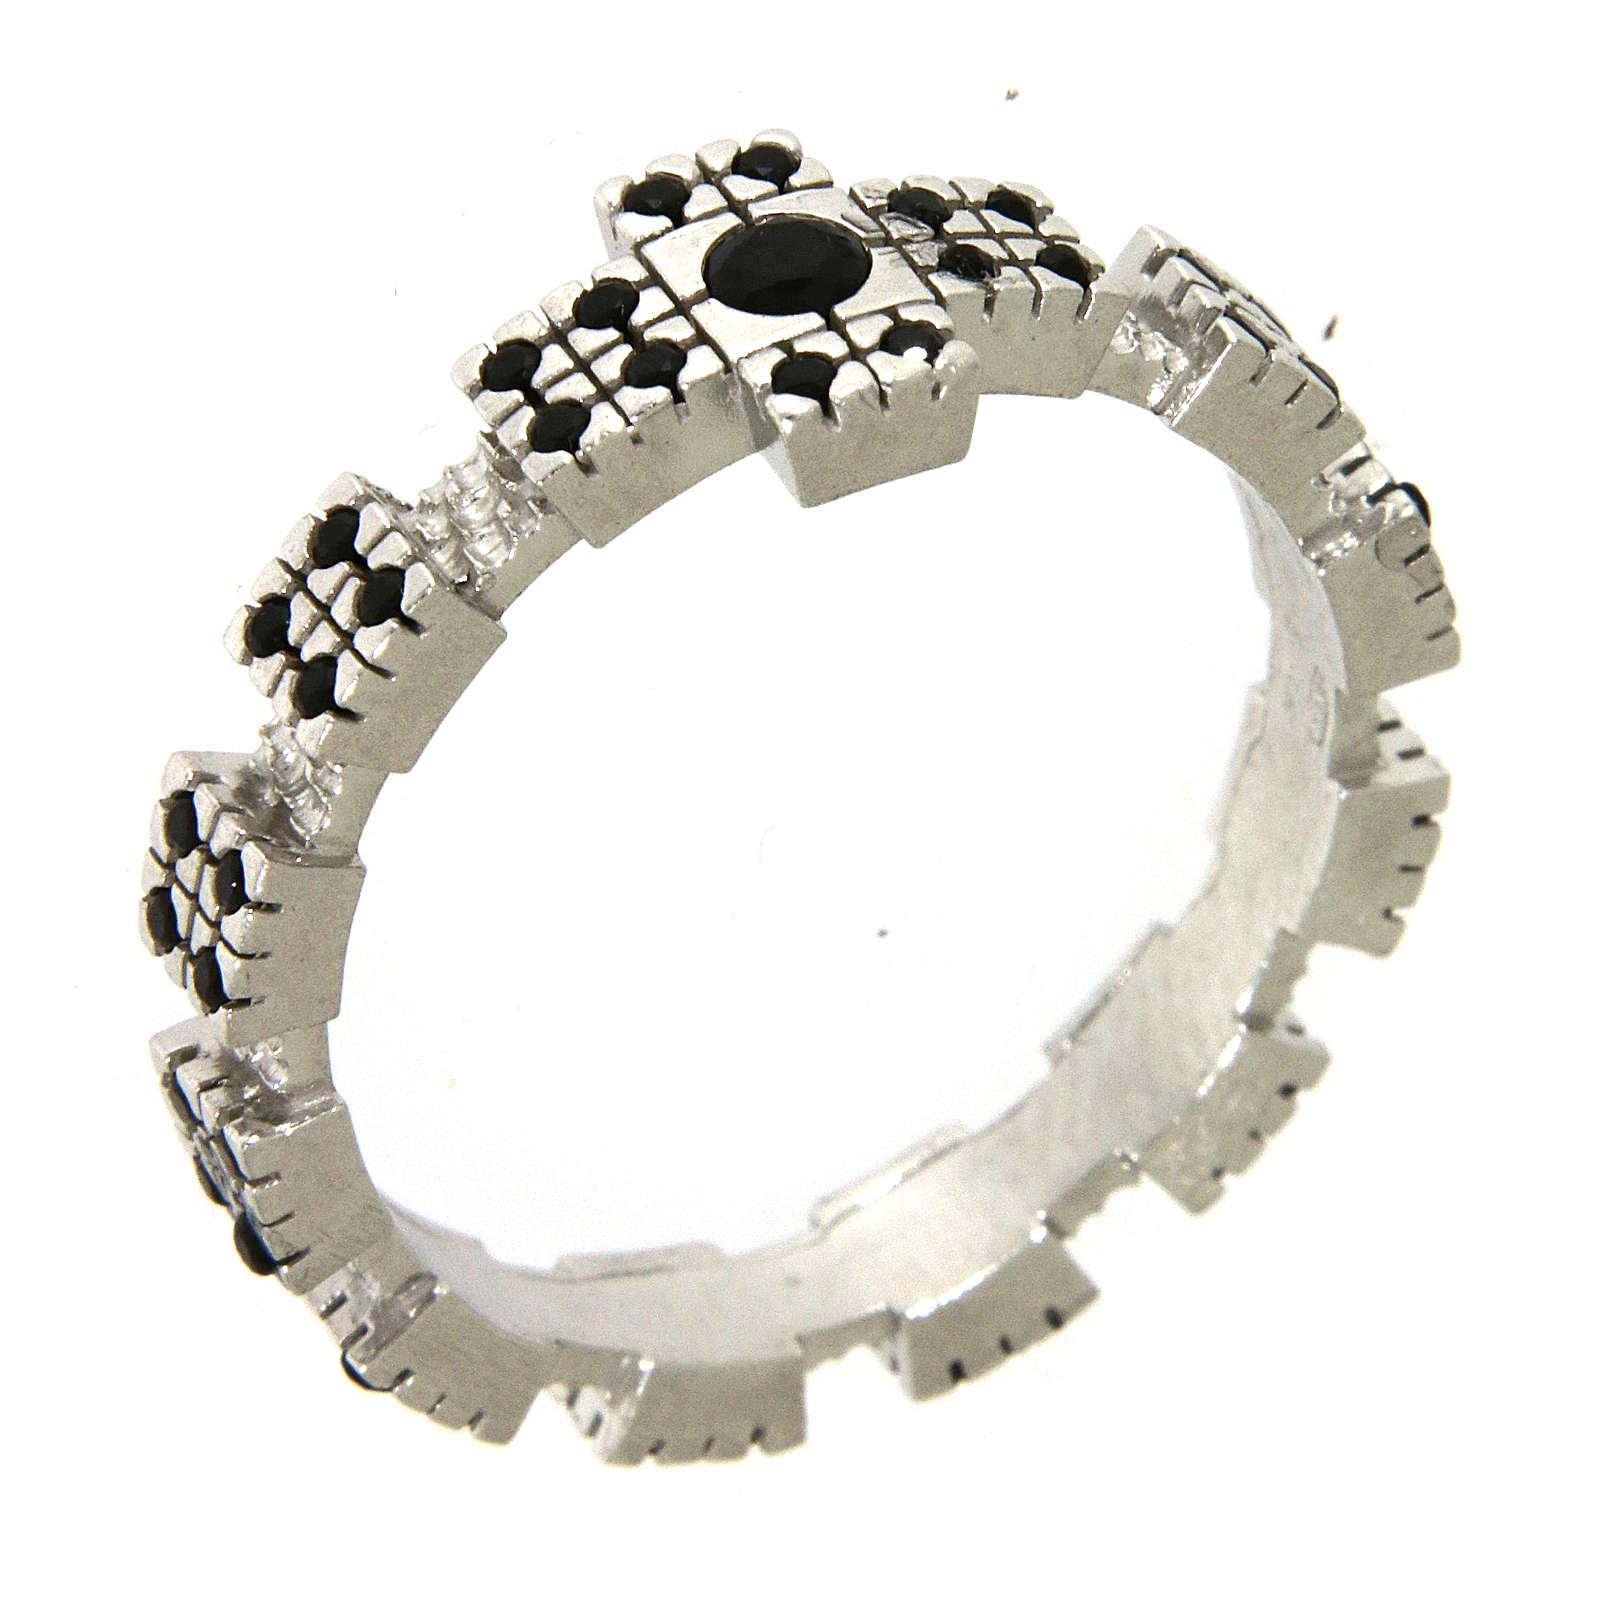 Anillo plata 925 rodiado con zircones negros 3